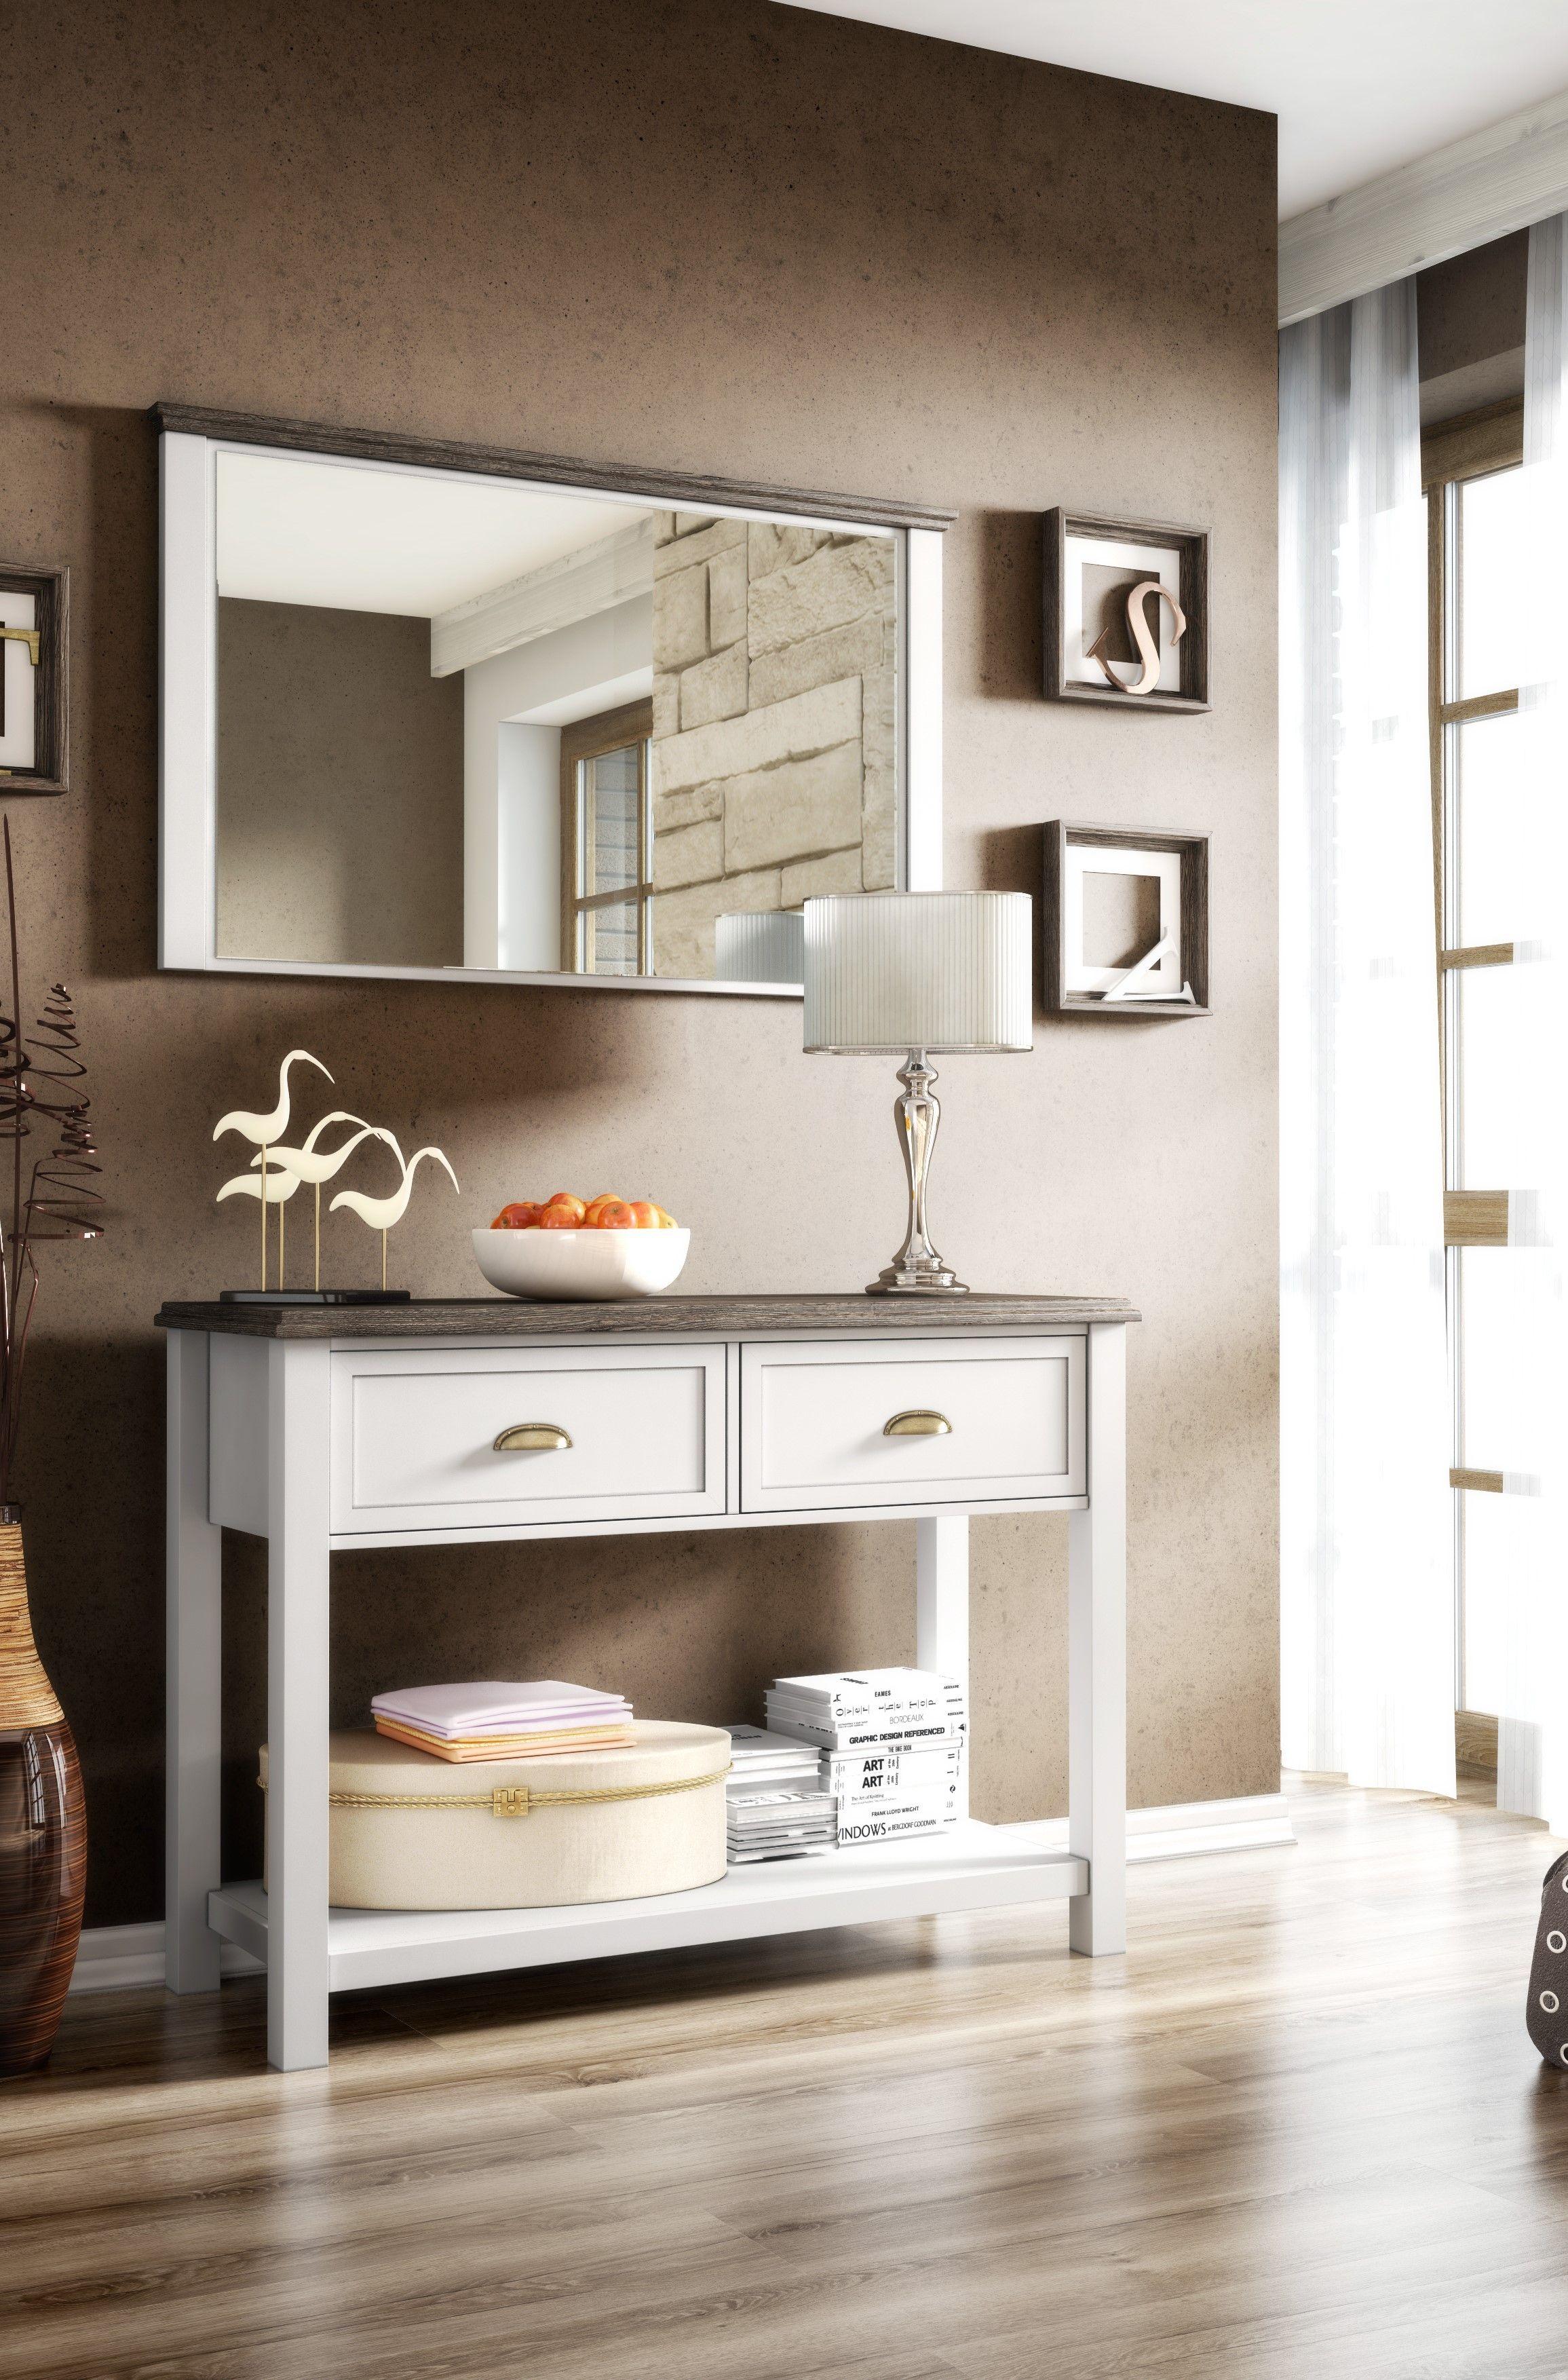 Interior design-ideen wohnzimmer mit tv wandspiegel chateau  budgeting